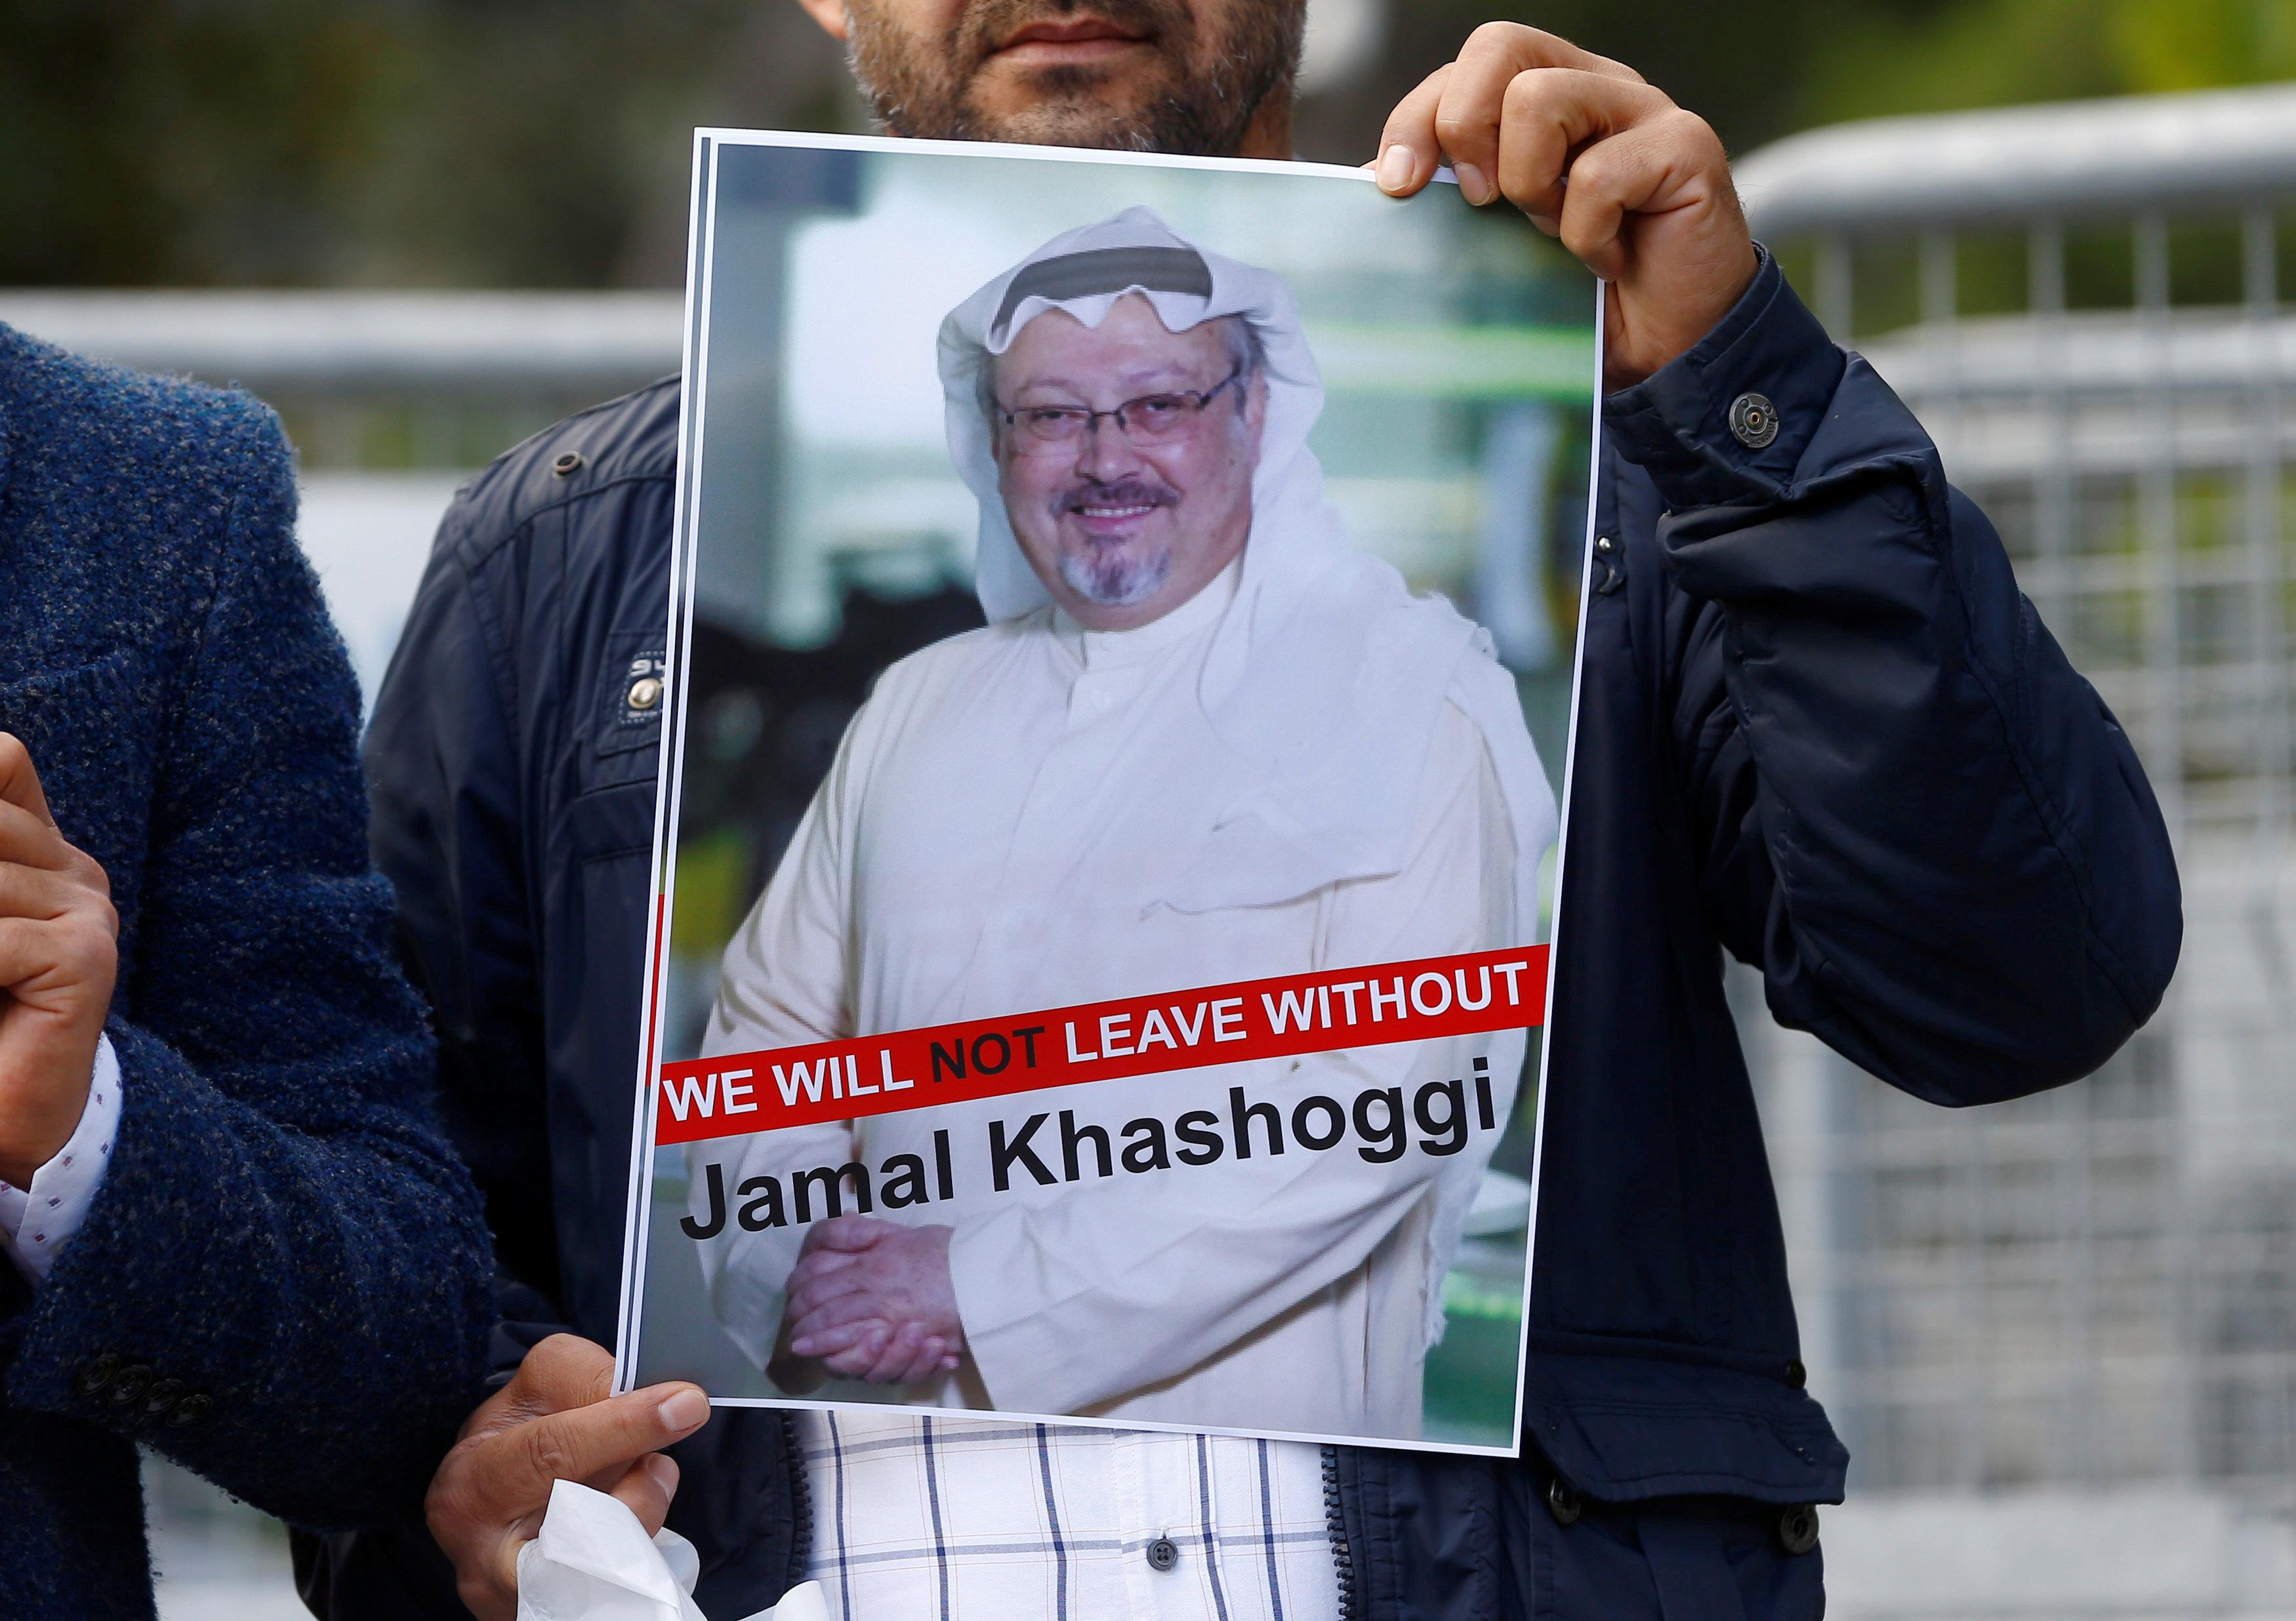 Arabia Saudita confirmó la muerte del periodista Jamal Khashoggi — Misterio develado